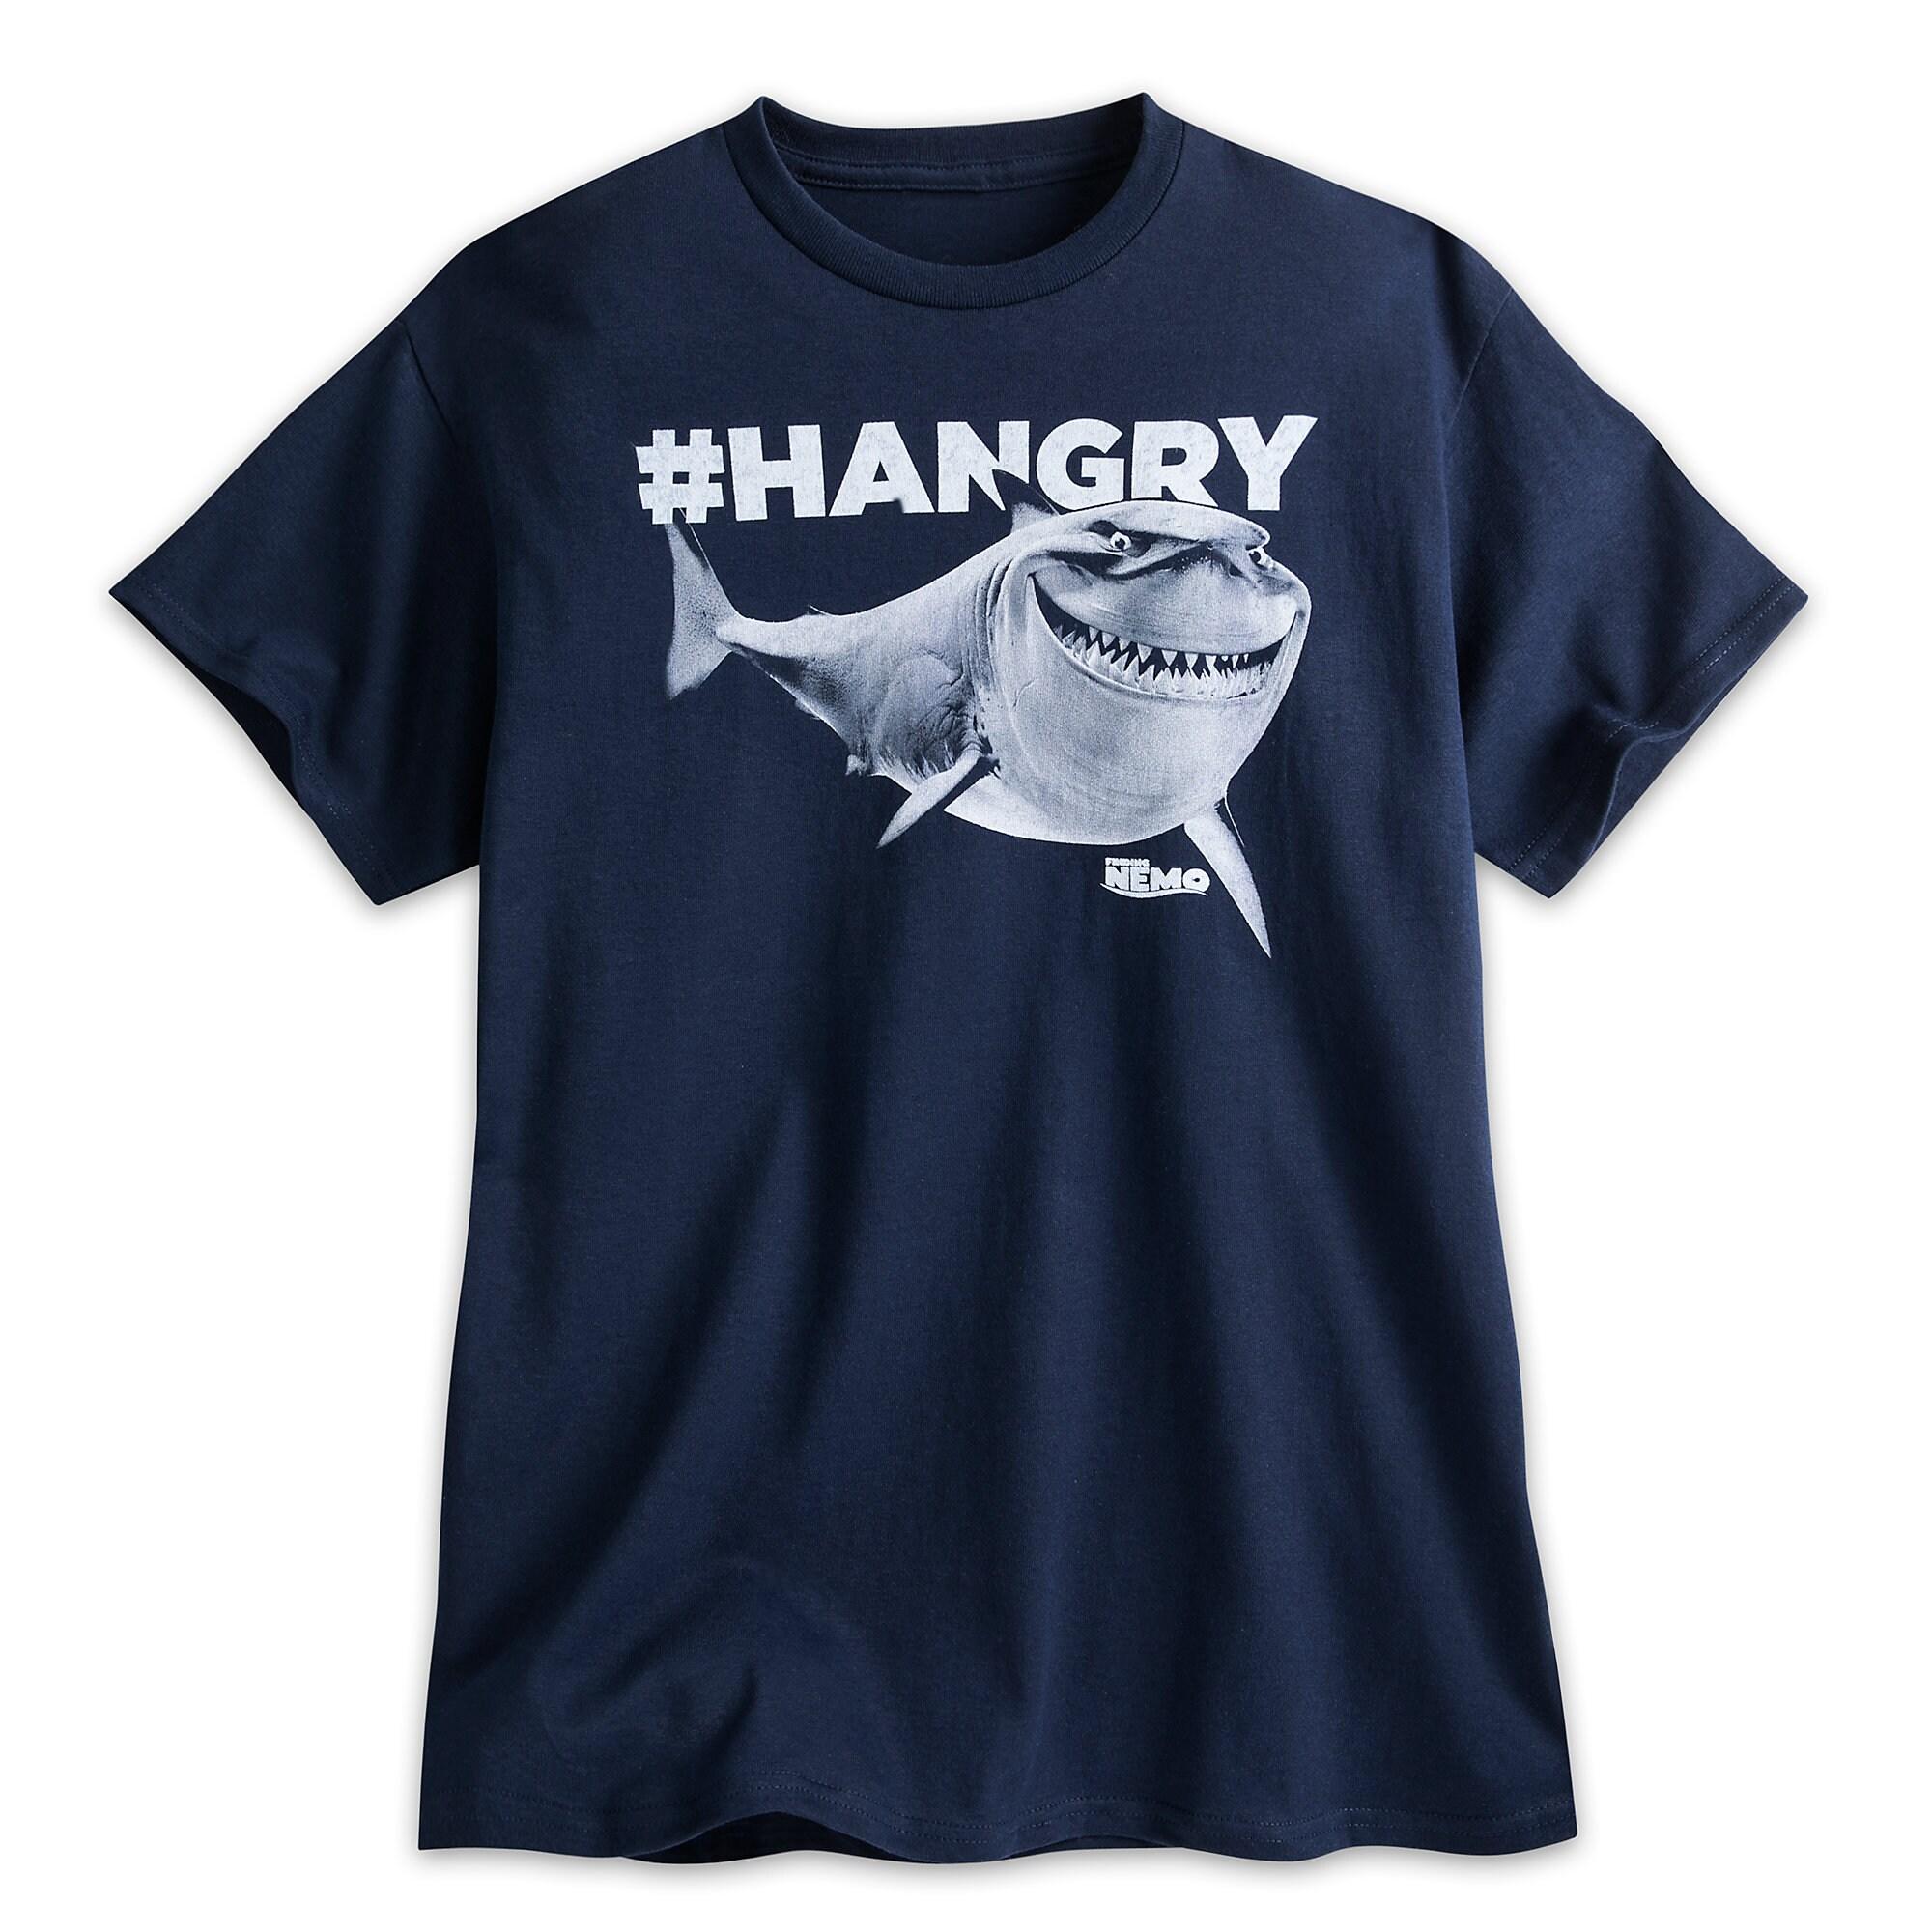 Bruce the Shark Tee for Men - Finding Nemo